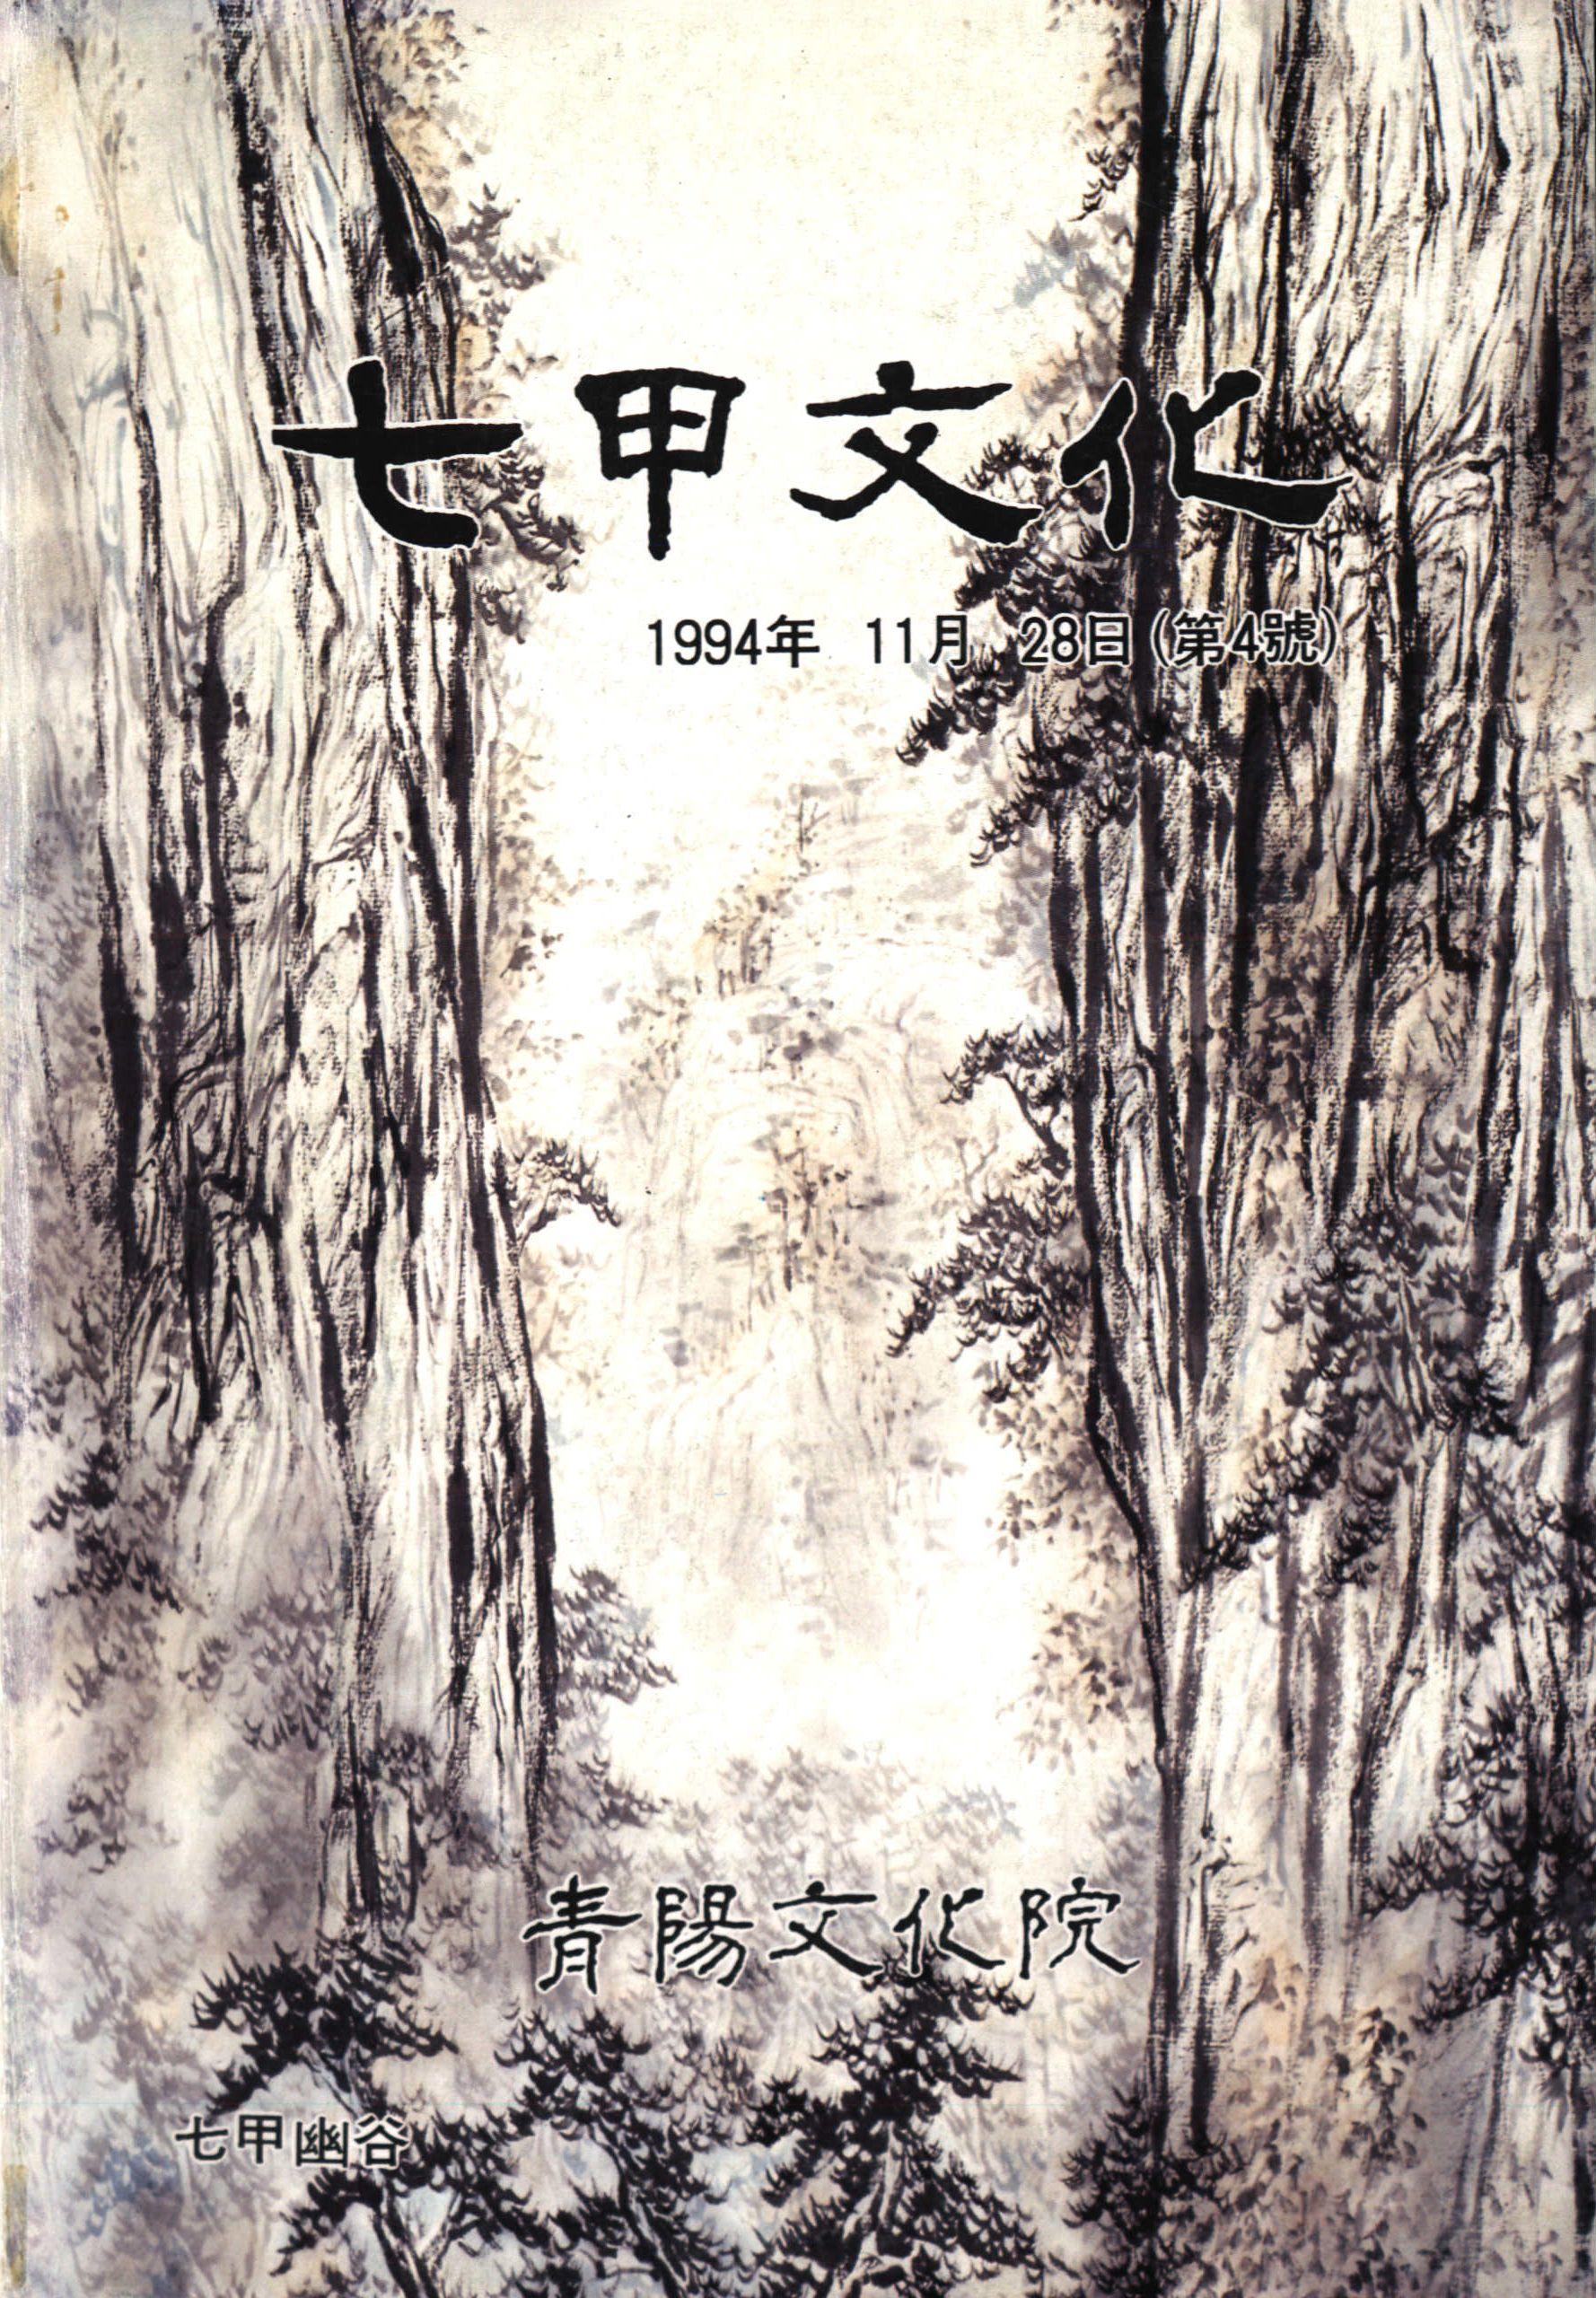 七甲文化 (칠갑문화) 제4호